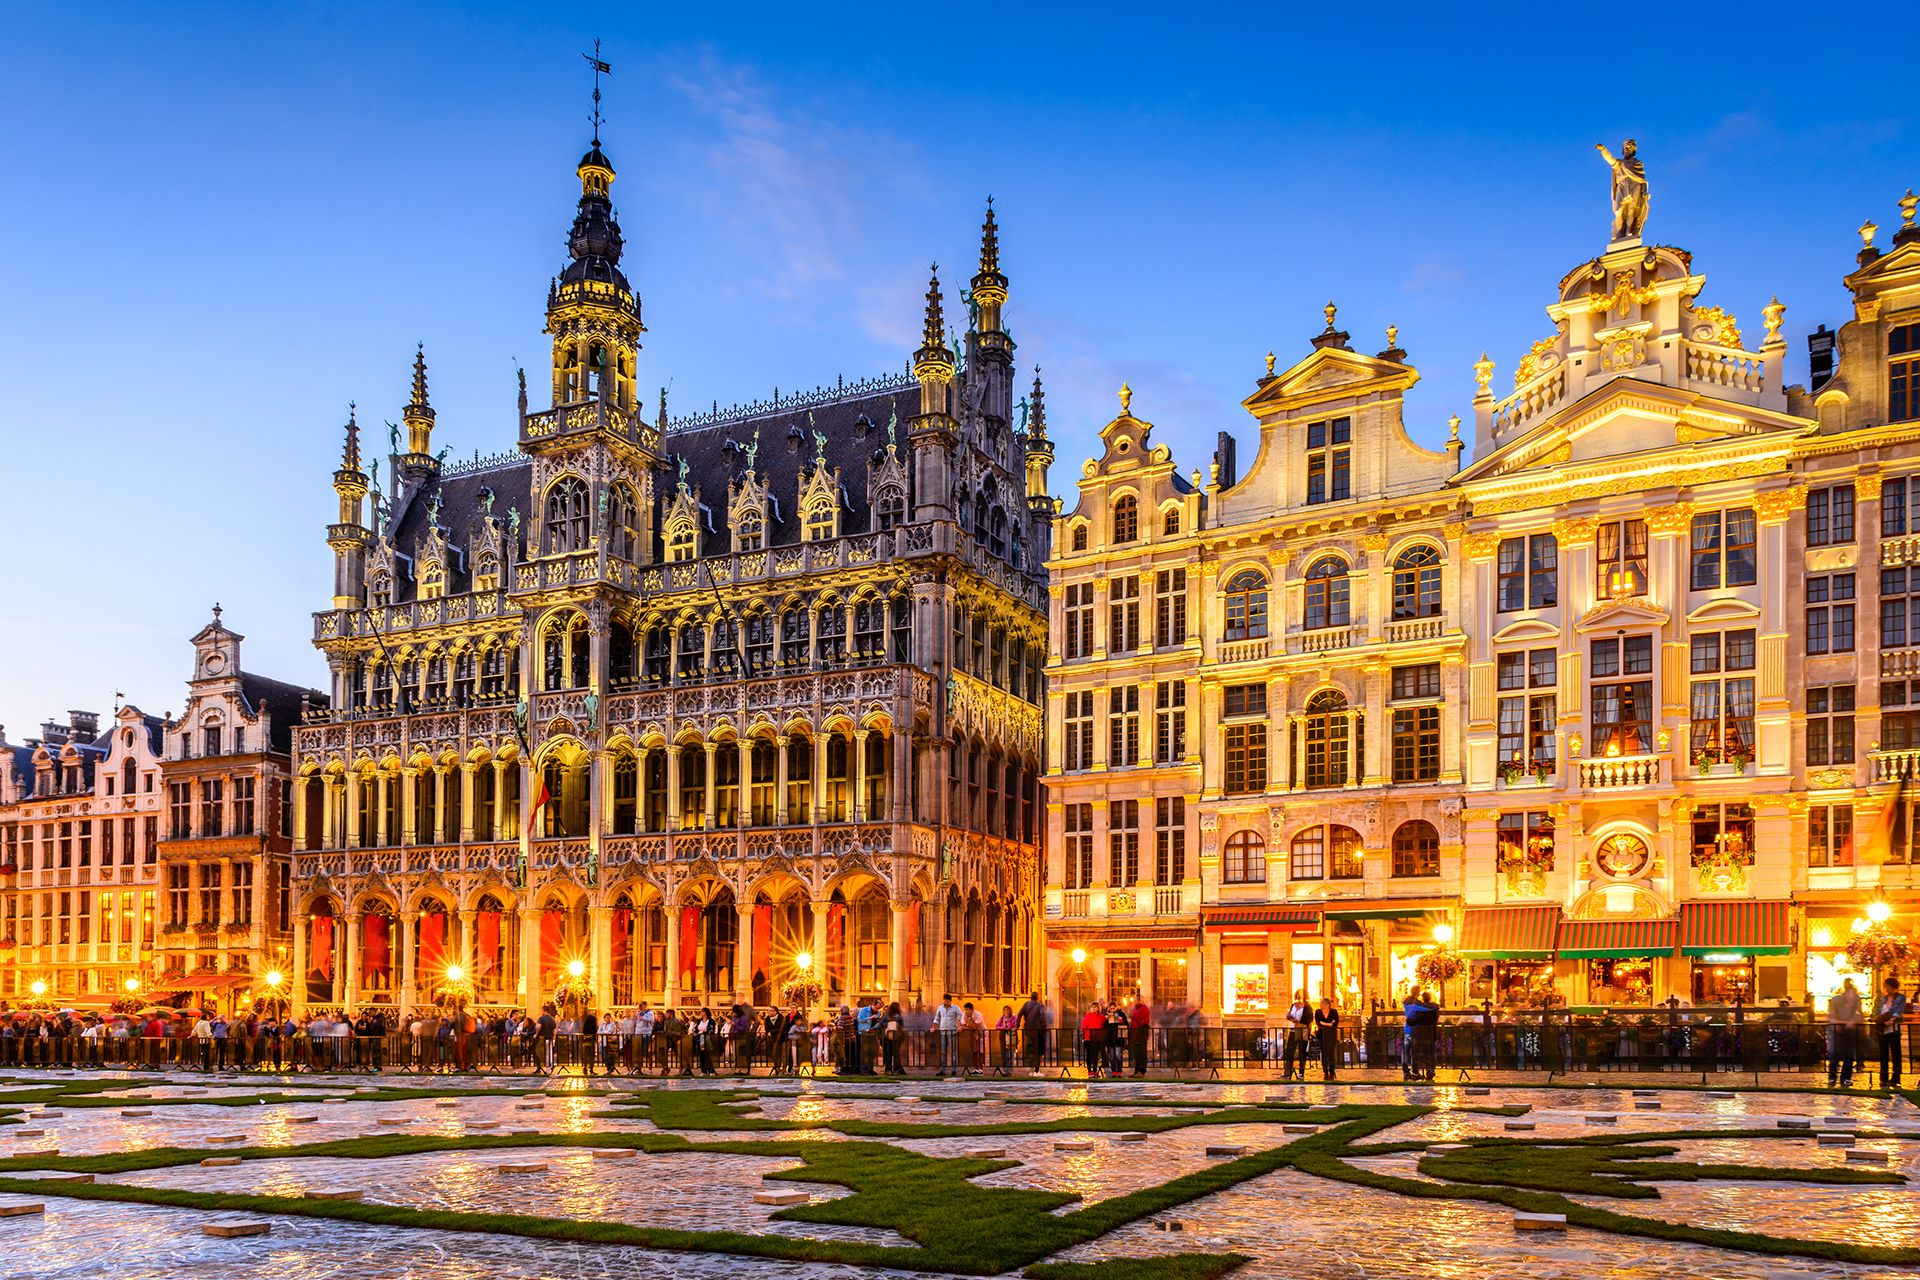 Piazze belle del mondo, Grand Place a Bruxelles